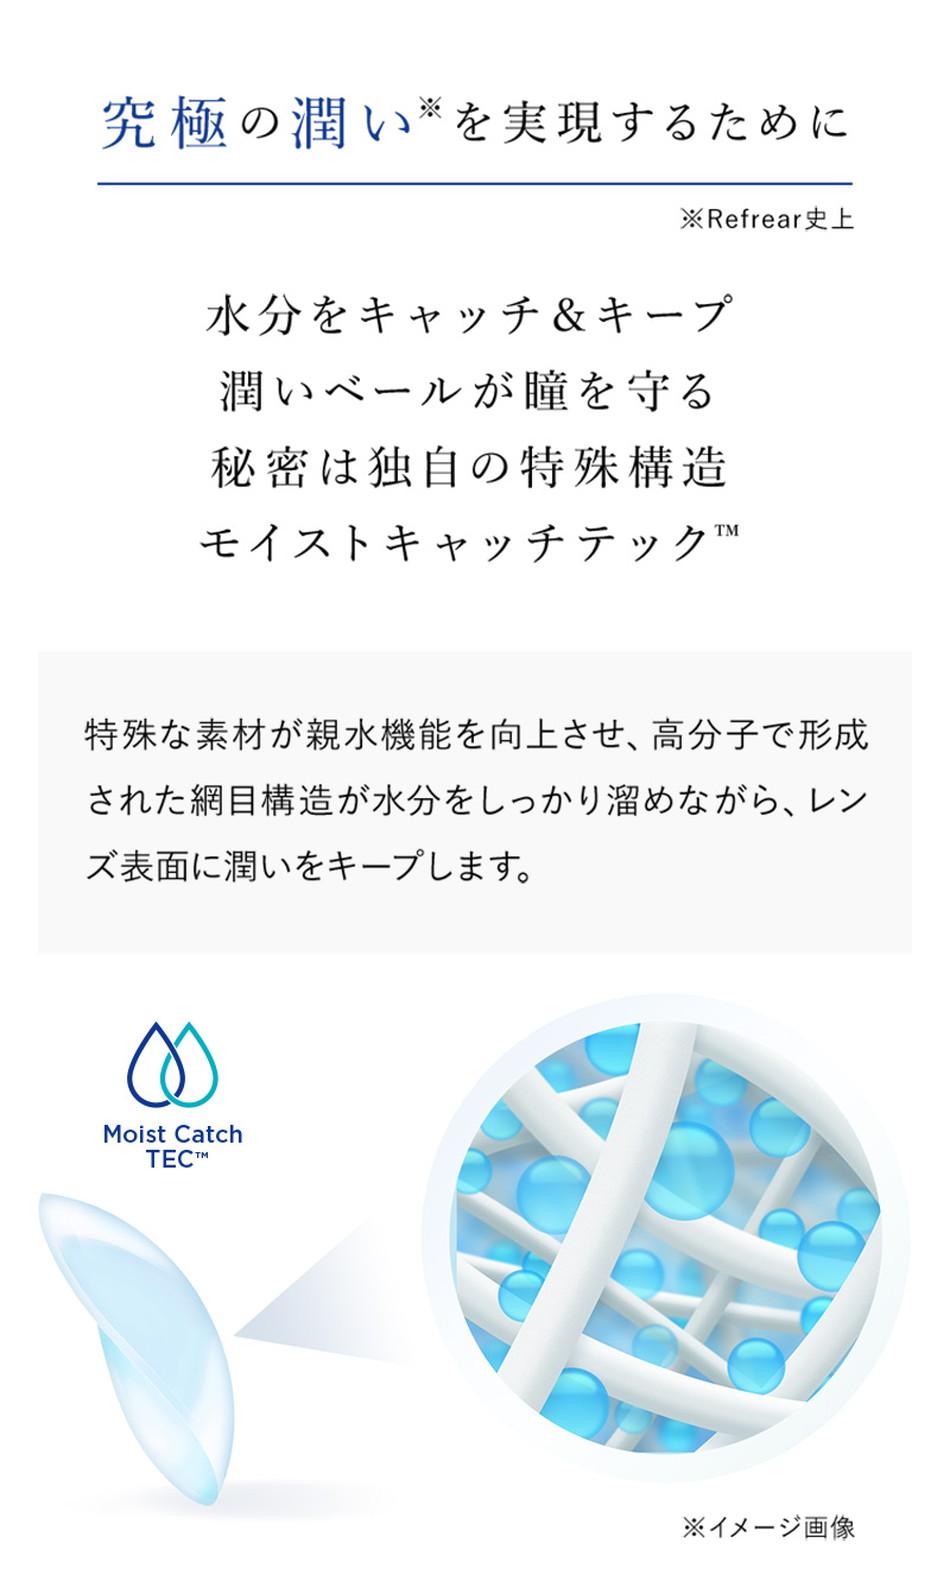 ワンデーリフレア シリコーン UV Wモイスチャーコンタクトレンズ究極の潤いを実現するための画像